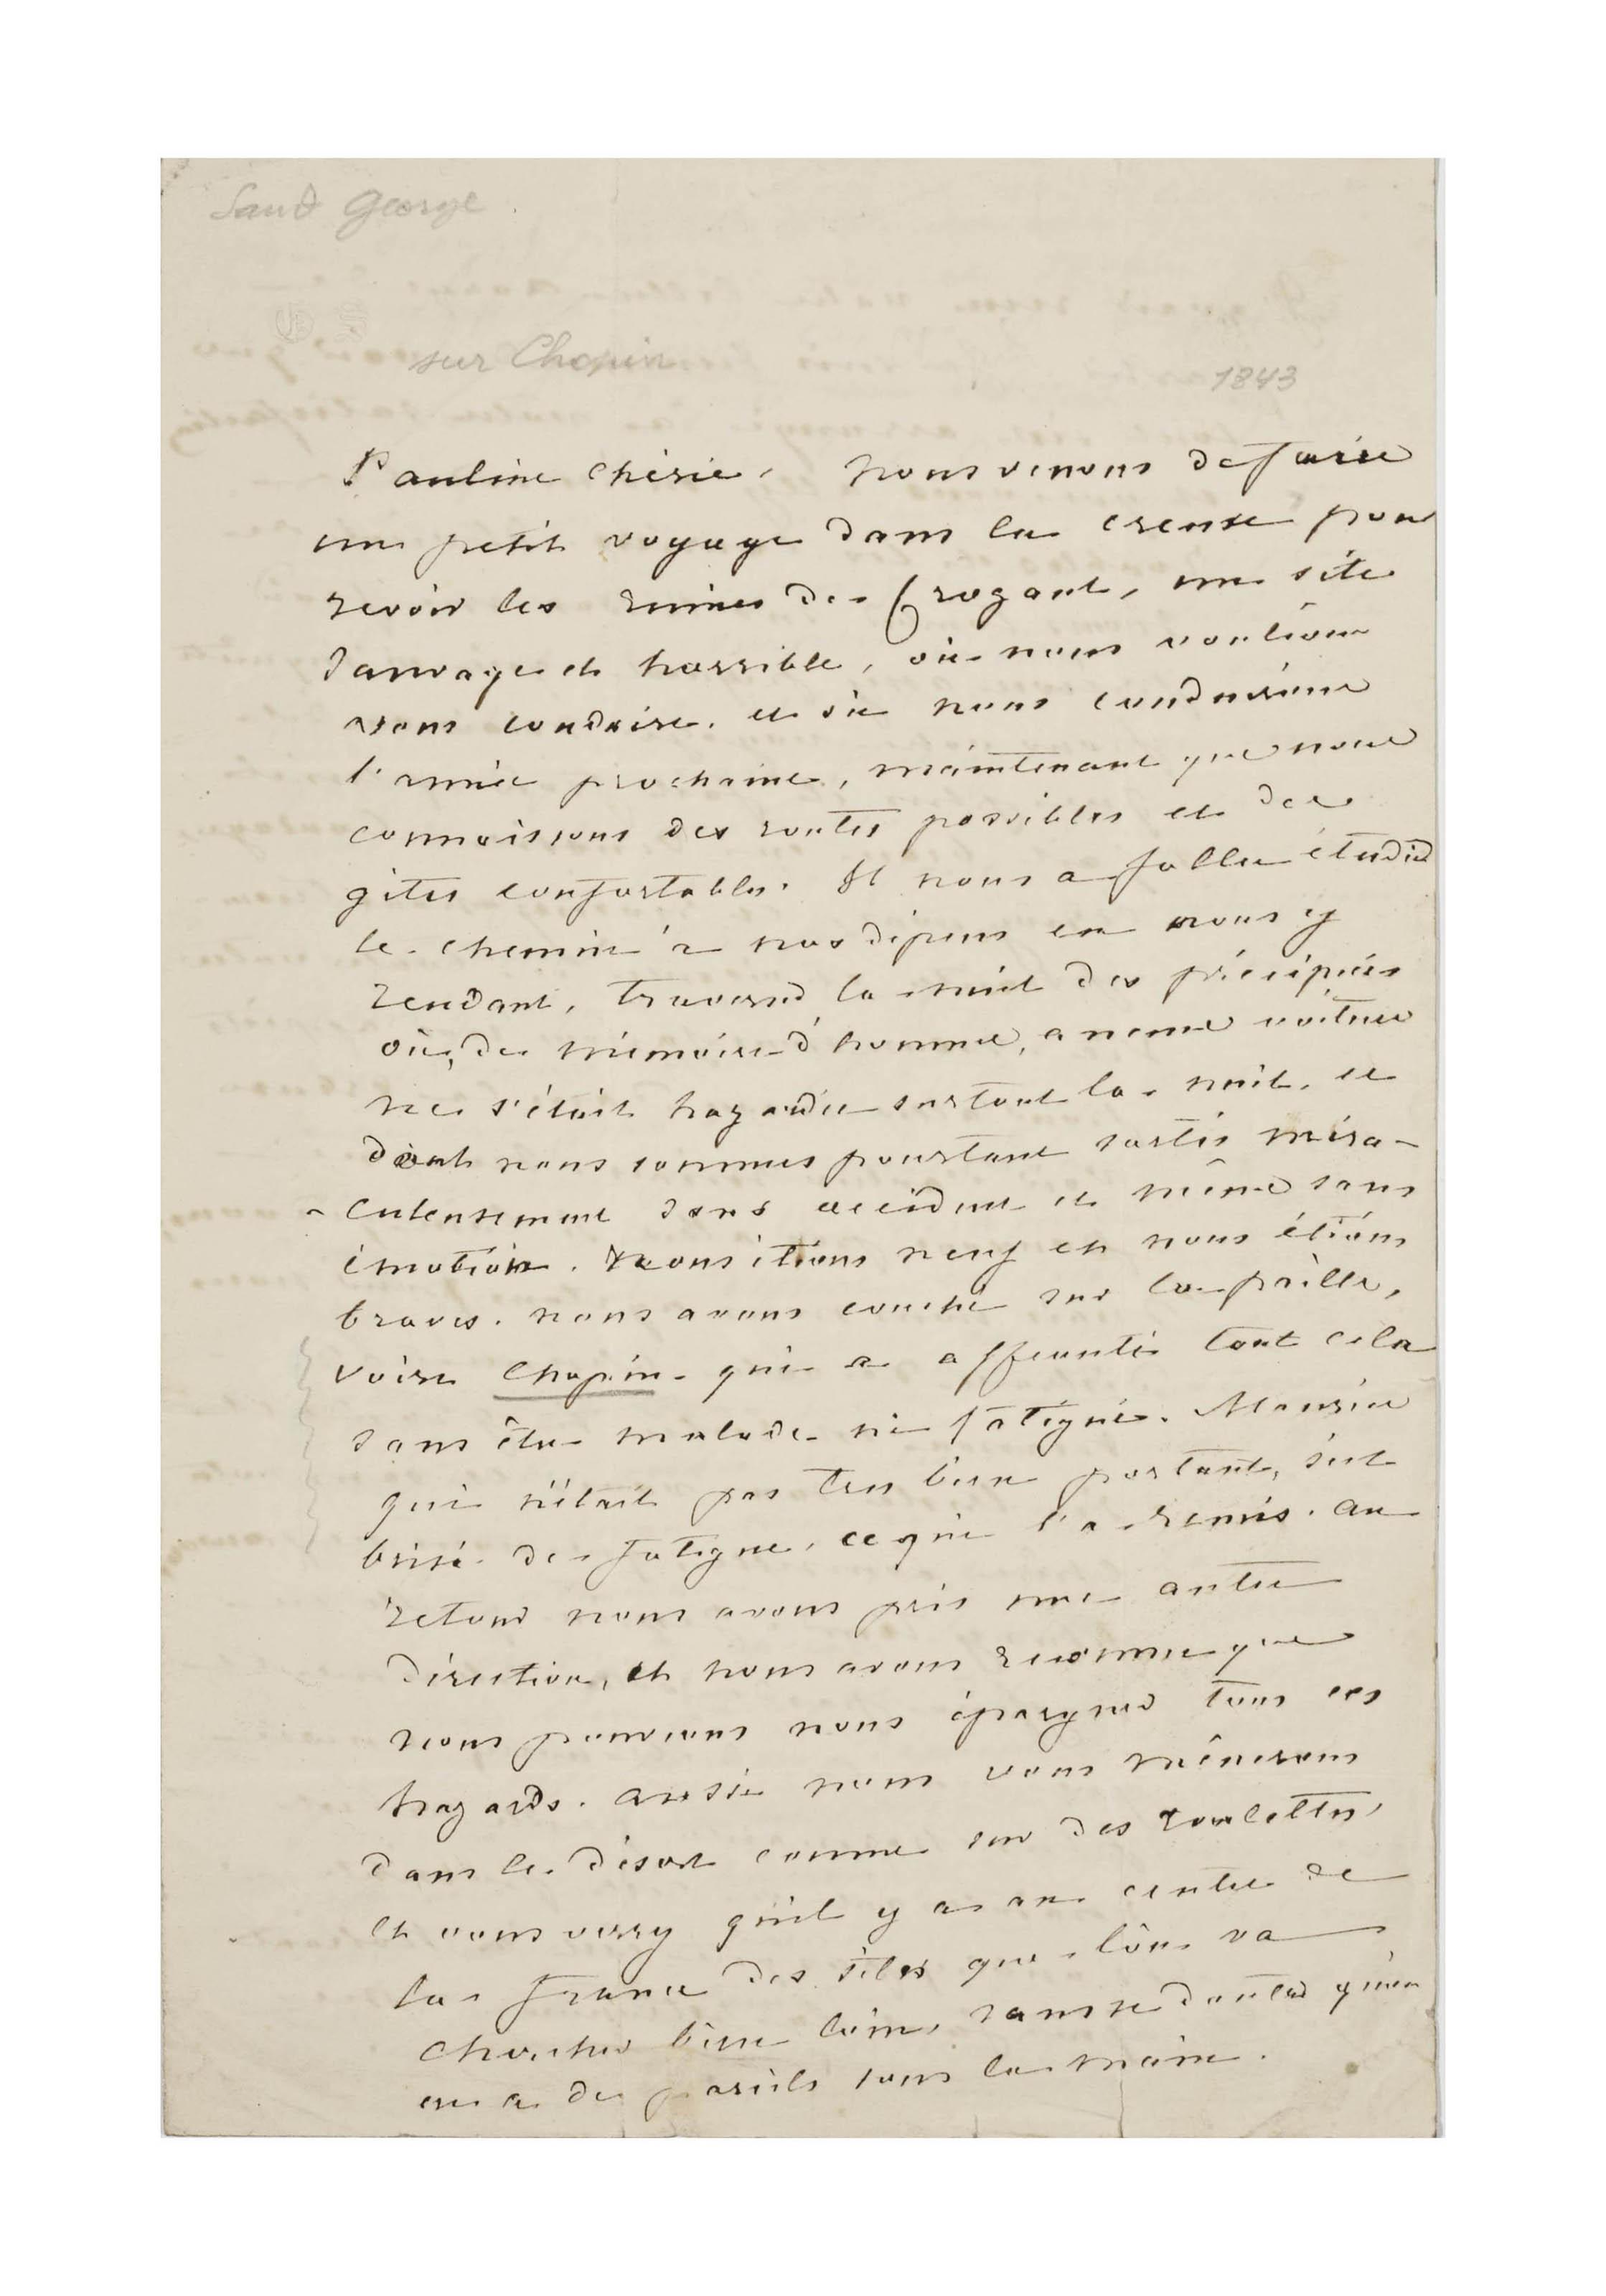 SAND, George (1804-1876). Lettre autographe, non signée, à Pauline Viardot. [Marque postale du 1er octobre 1843].